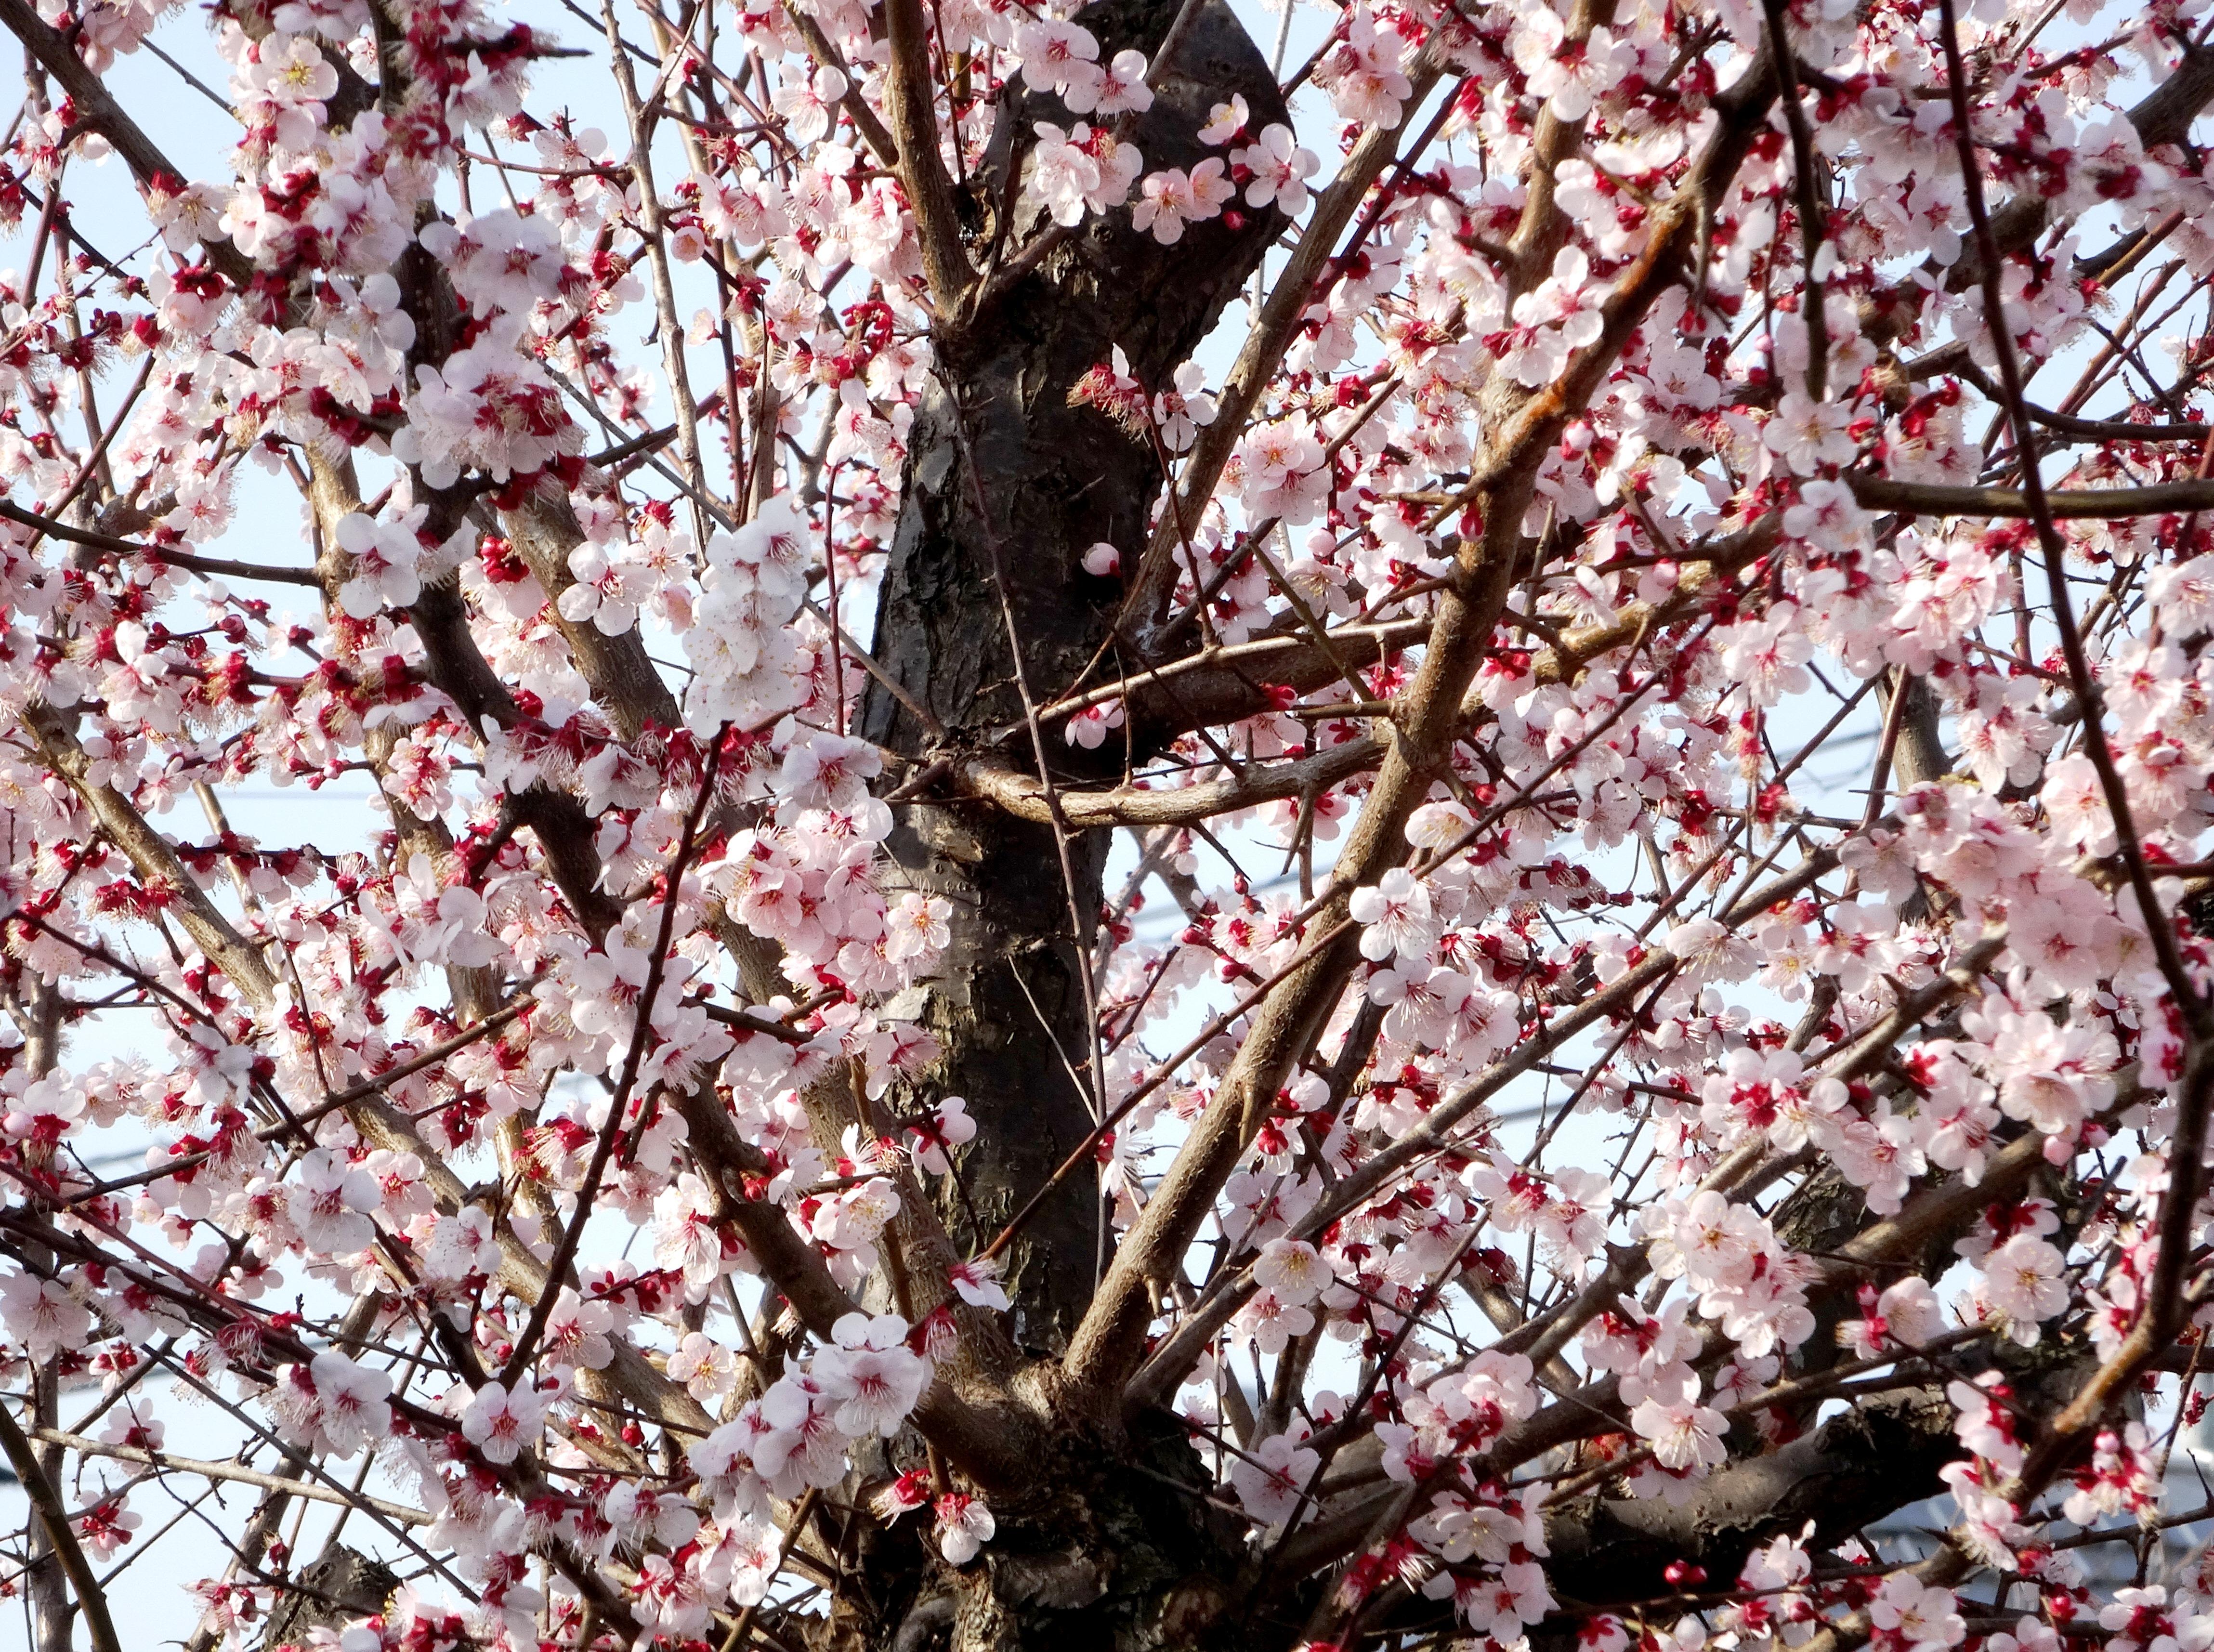 出勤途中で見つけた梅の花満開